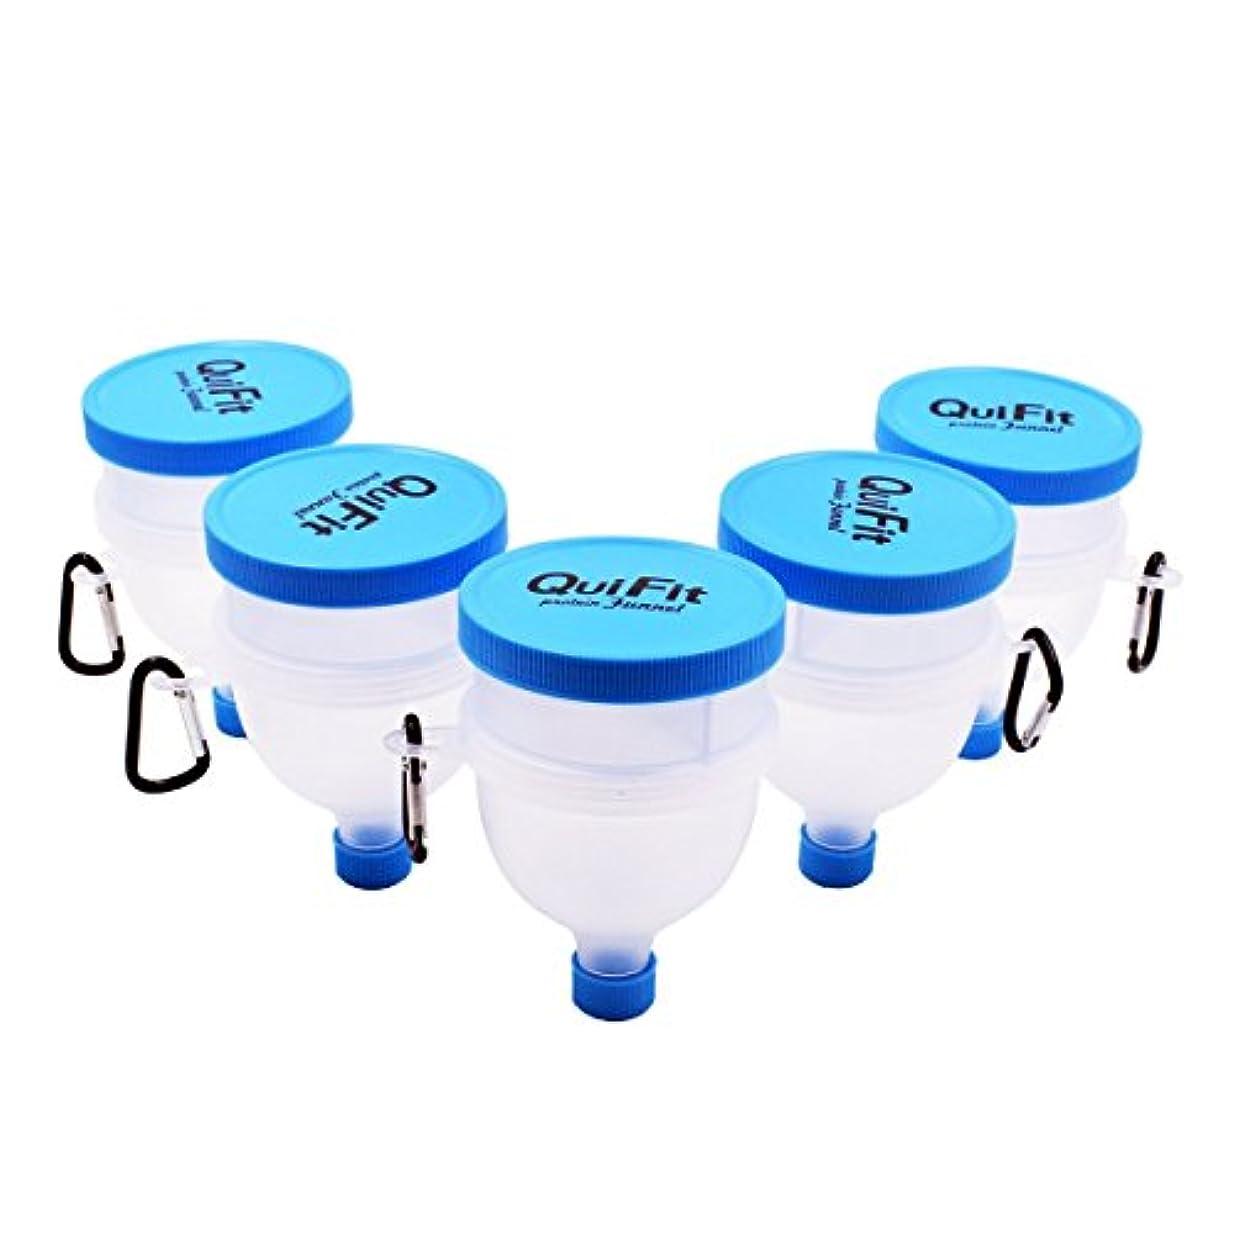 マントル休み受信機プロテインサプリメント携帯容器-QuiFit ファンネル 粉末サプリメント小分け携帯用漏斗-スカイブルー-BPAフリー (5)